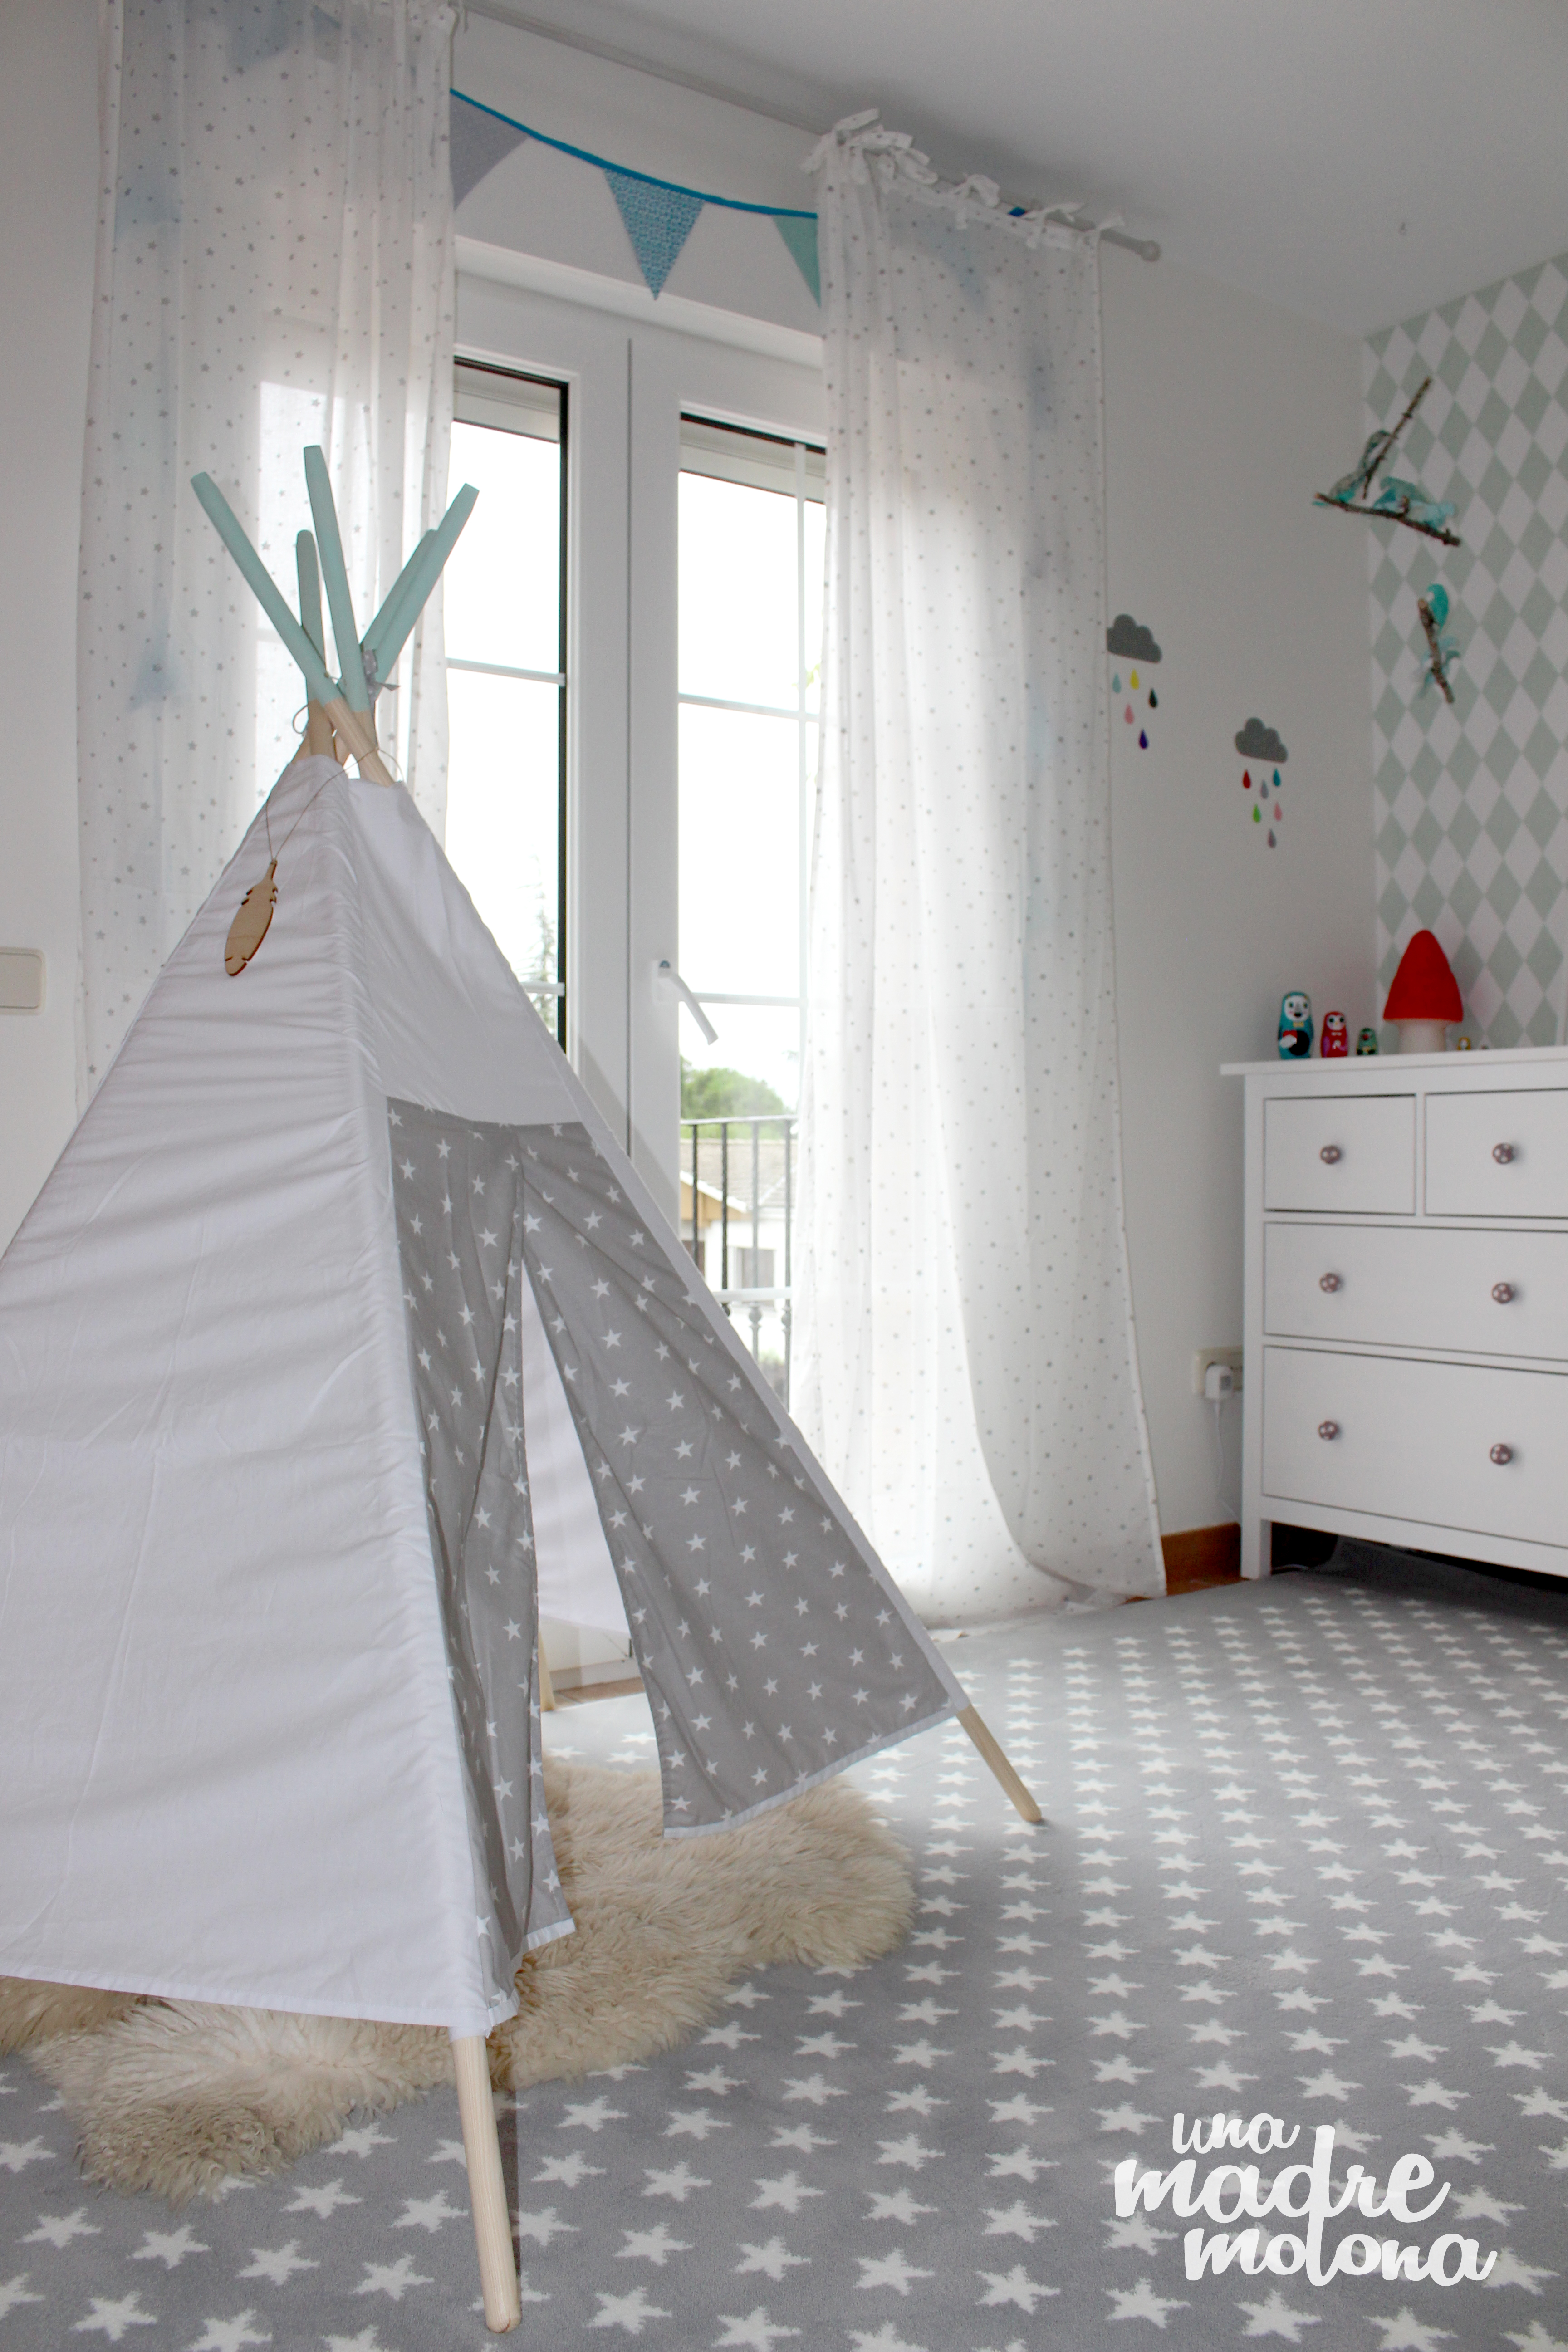 La habitación de niñomolón |